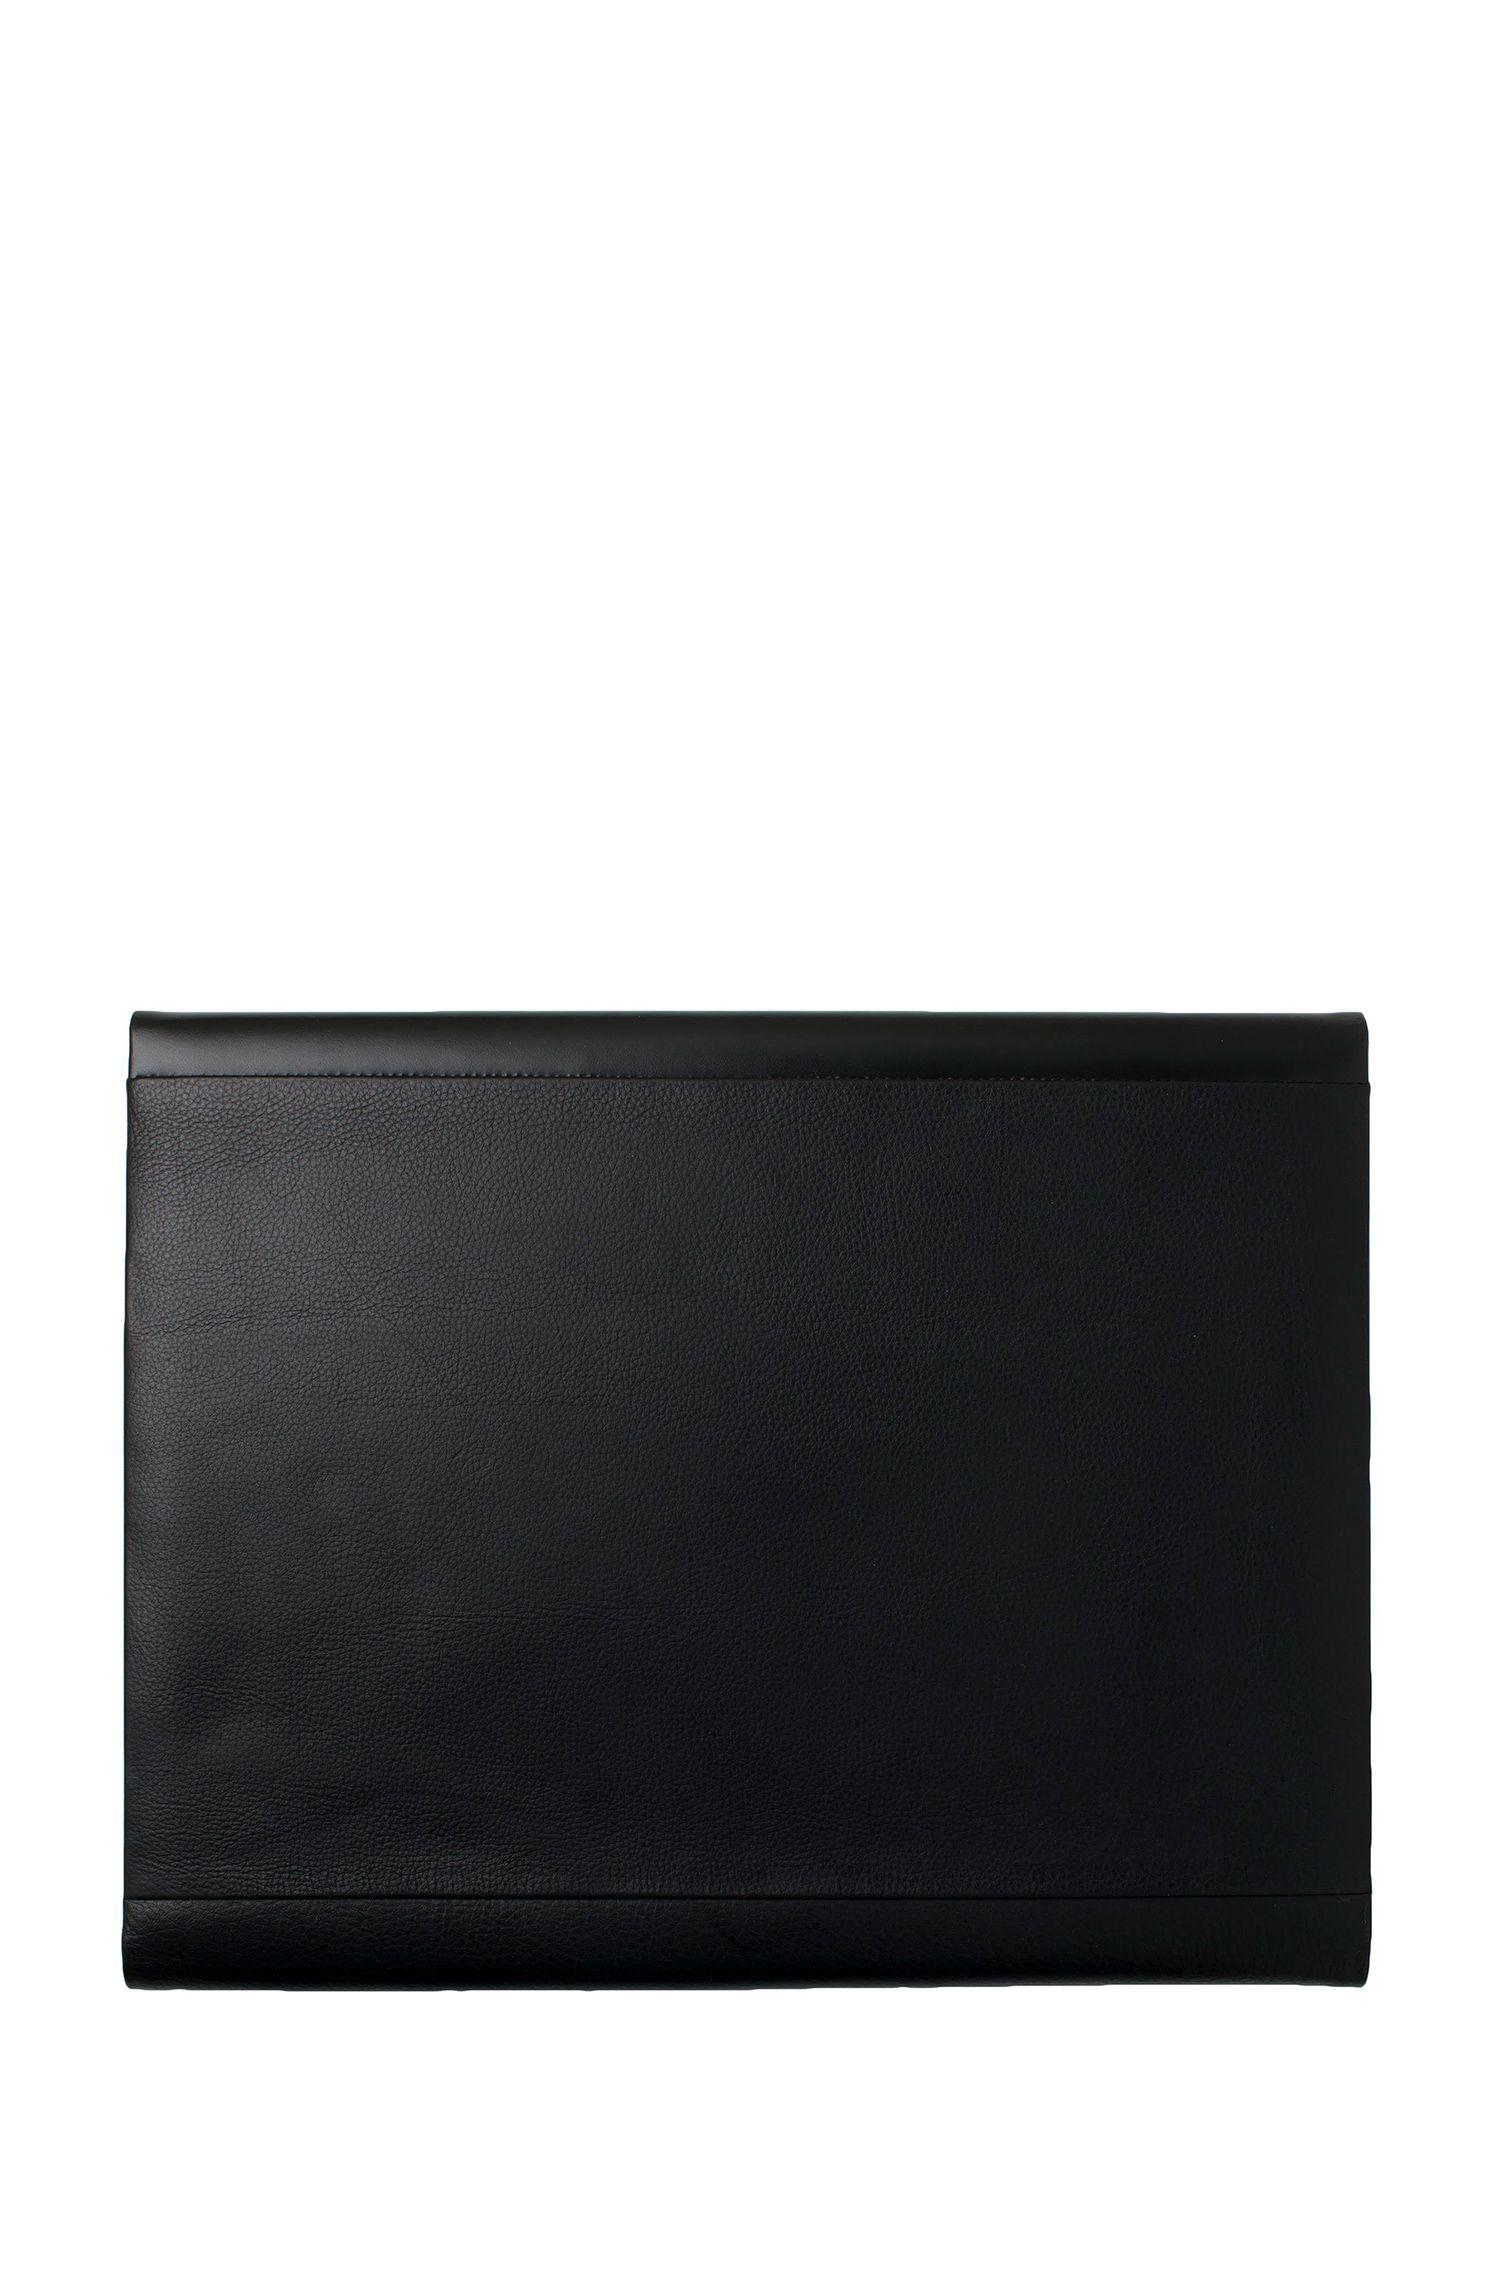 Schwarze DIN-A4-Mappe aus glattem und genarbtem Leder, Schwarz